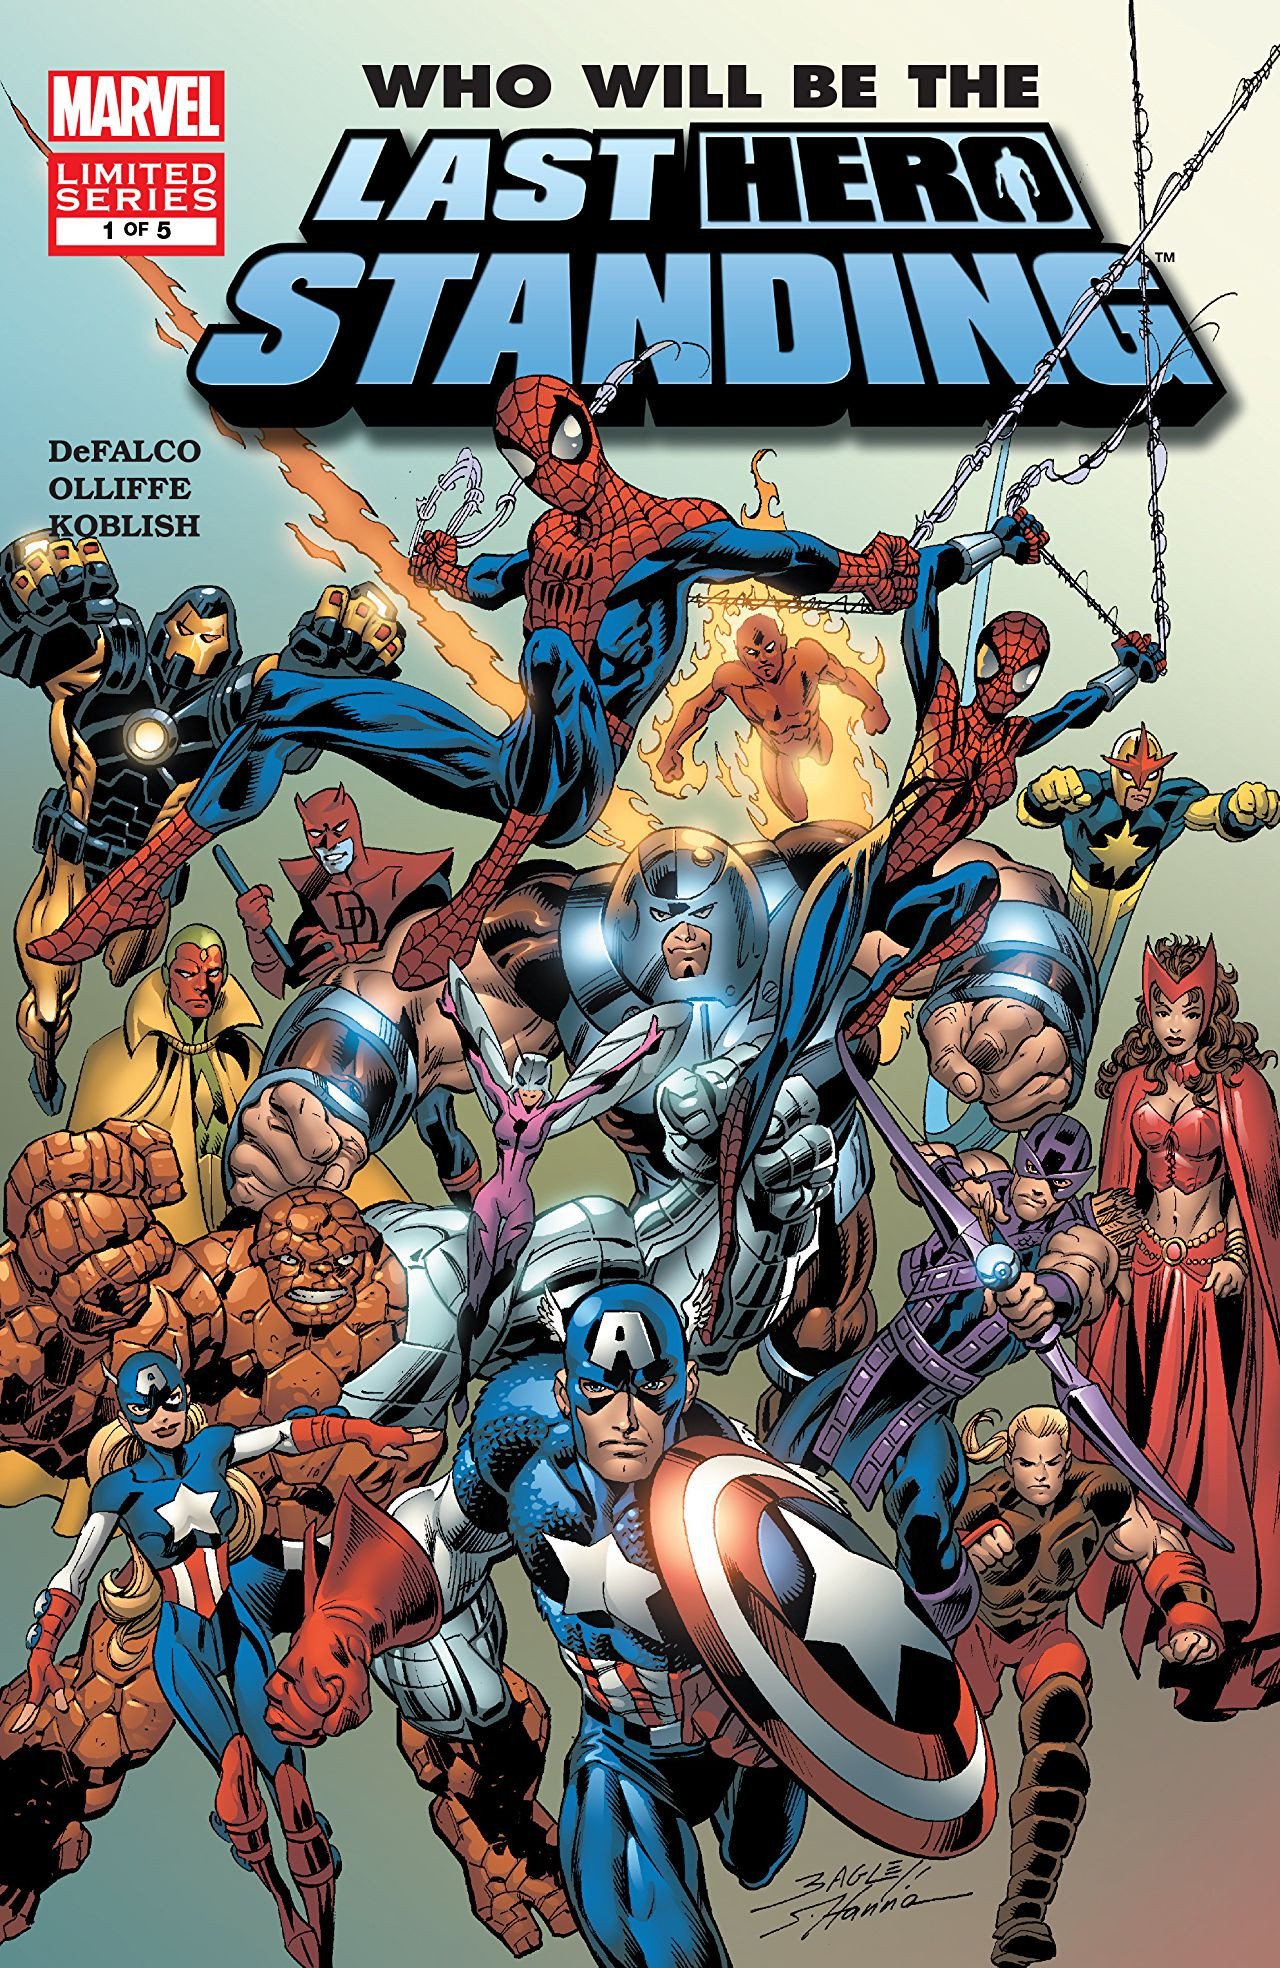 Last Hero Standing Vol 1 1